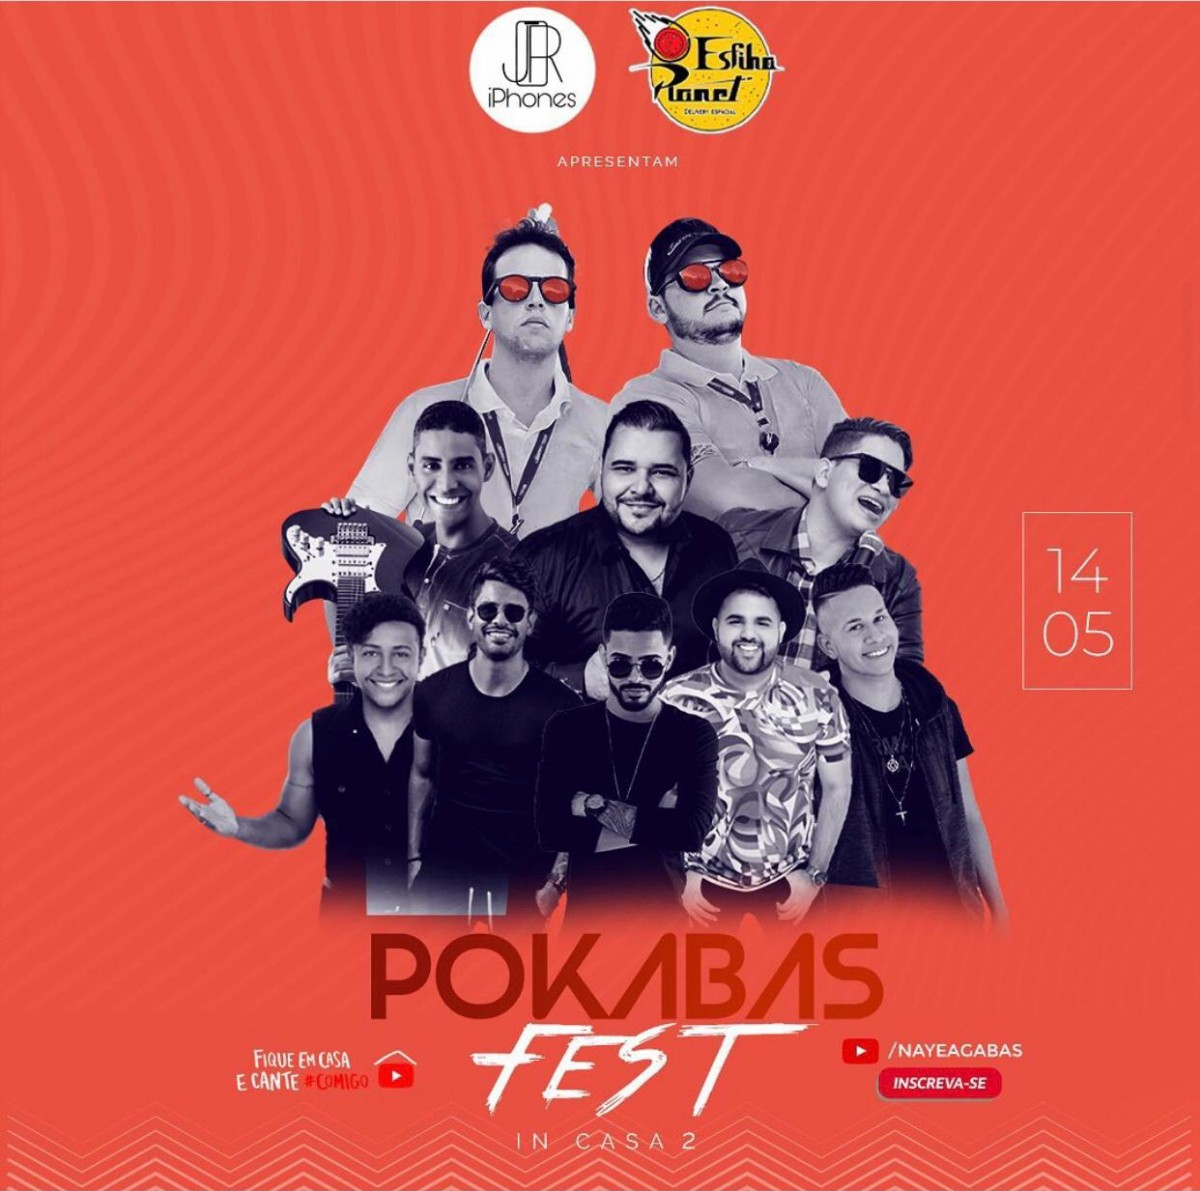 Live Pokabas Fest acontece nesta sexta, 14/5, com diversas atrações (Imagem: Divulgação)